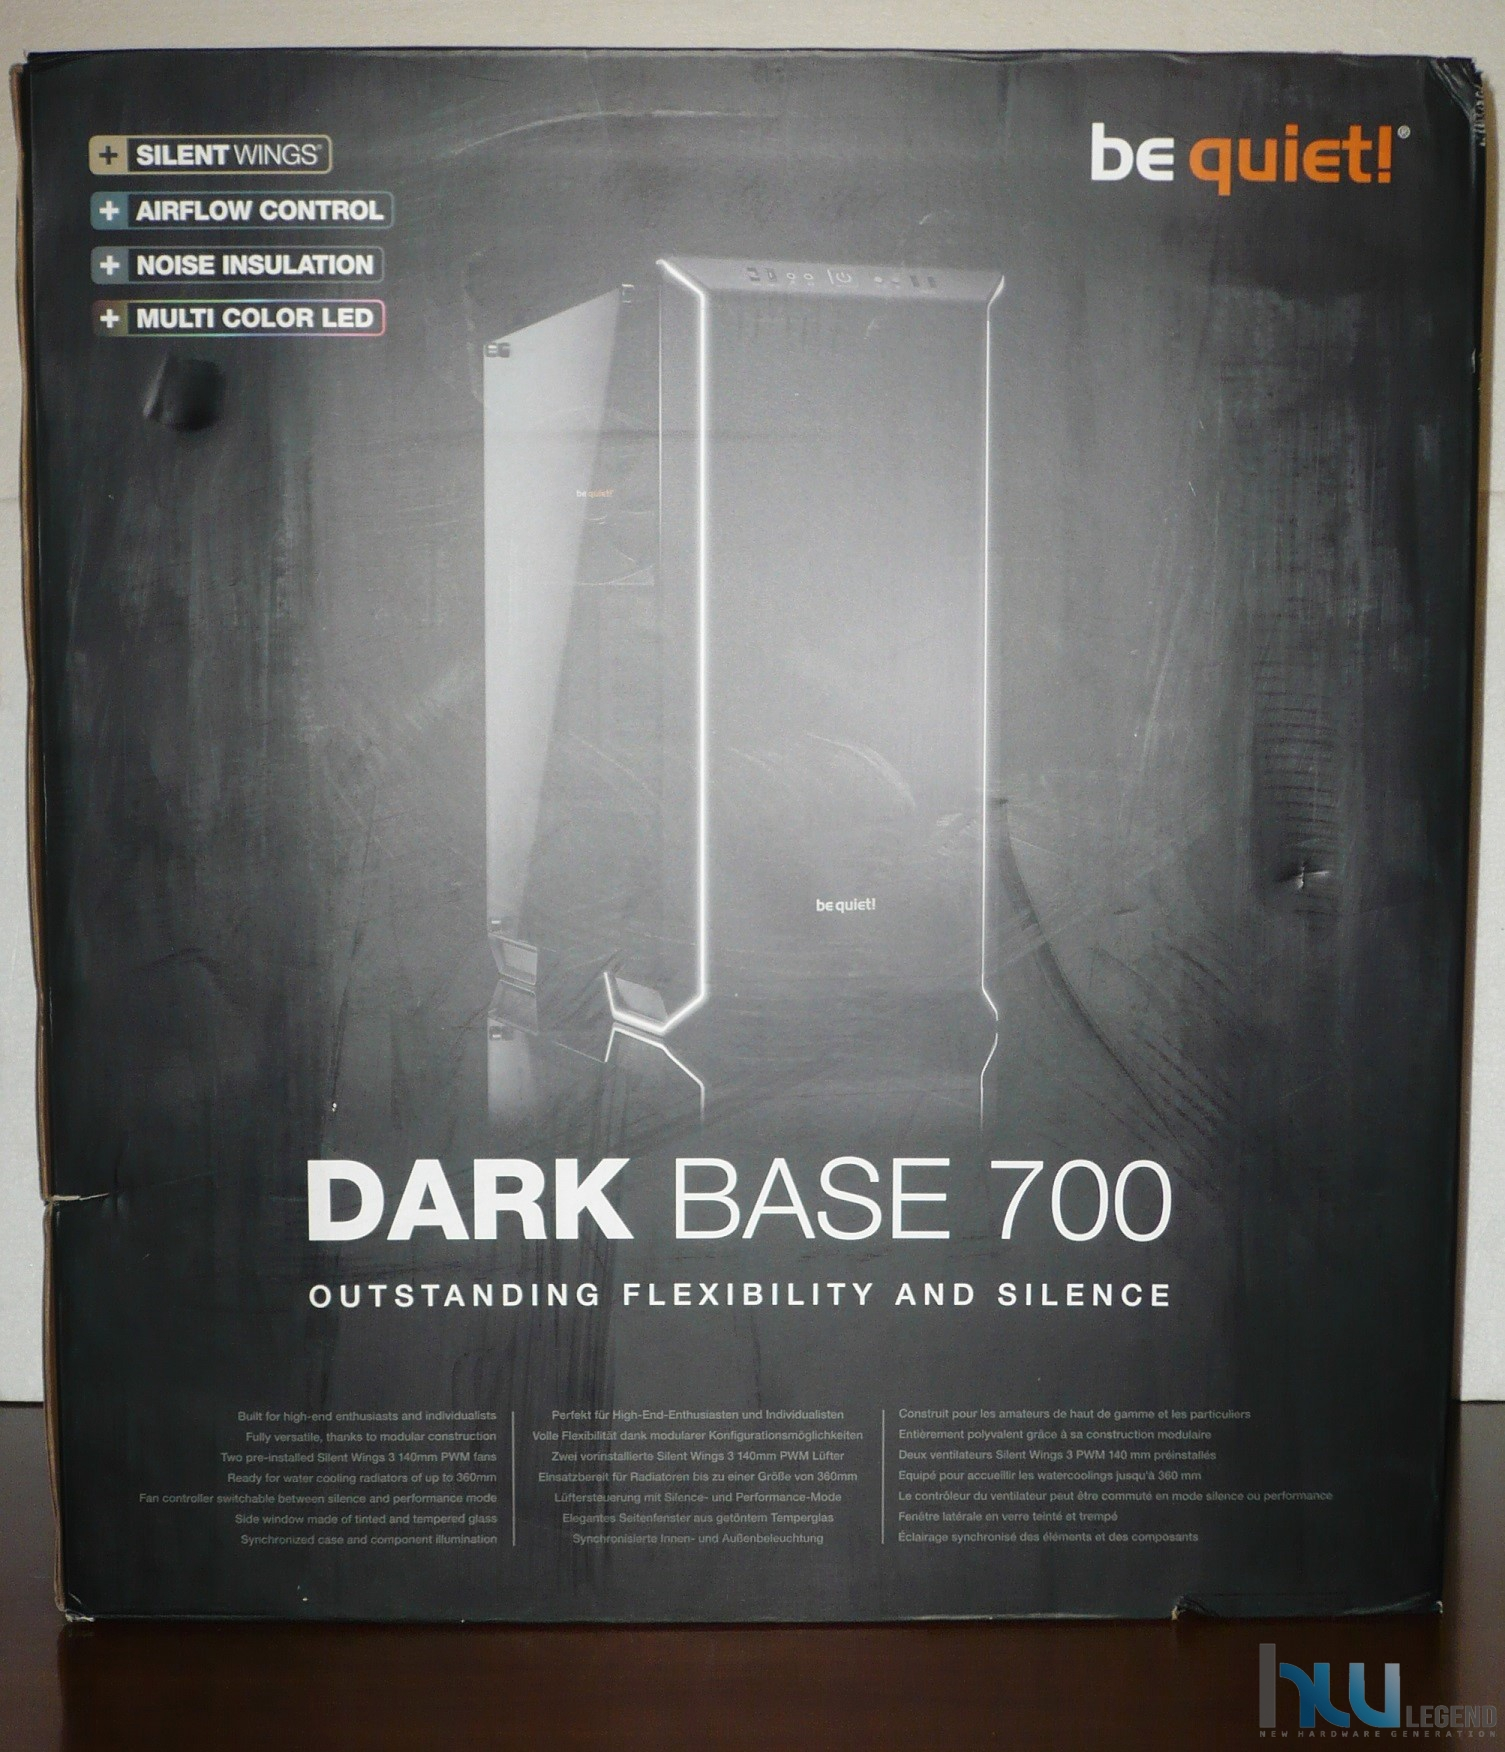 003-bequiet-dark-base-700-foto-confezione-fronte.jpg